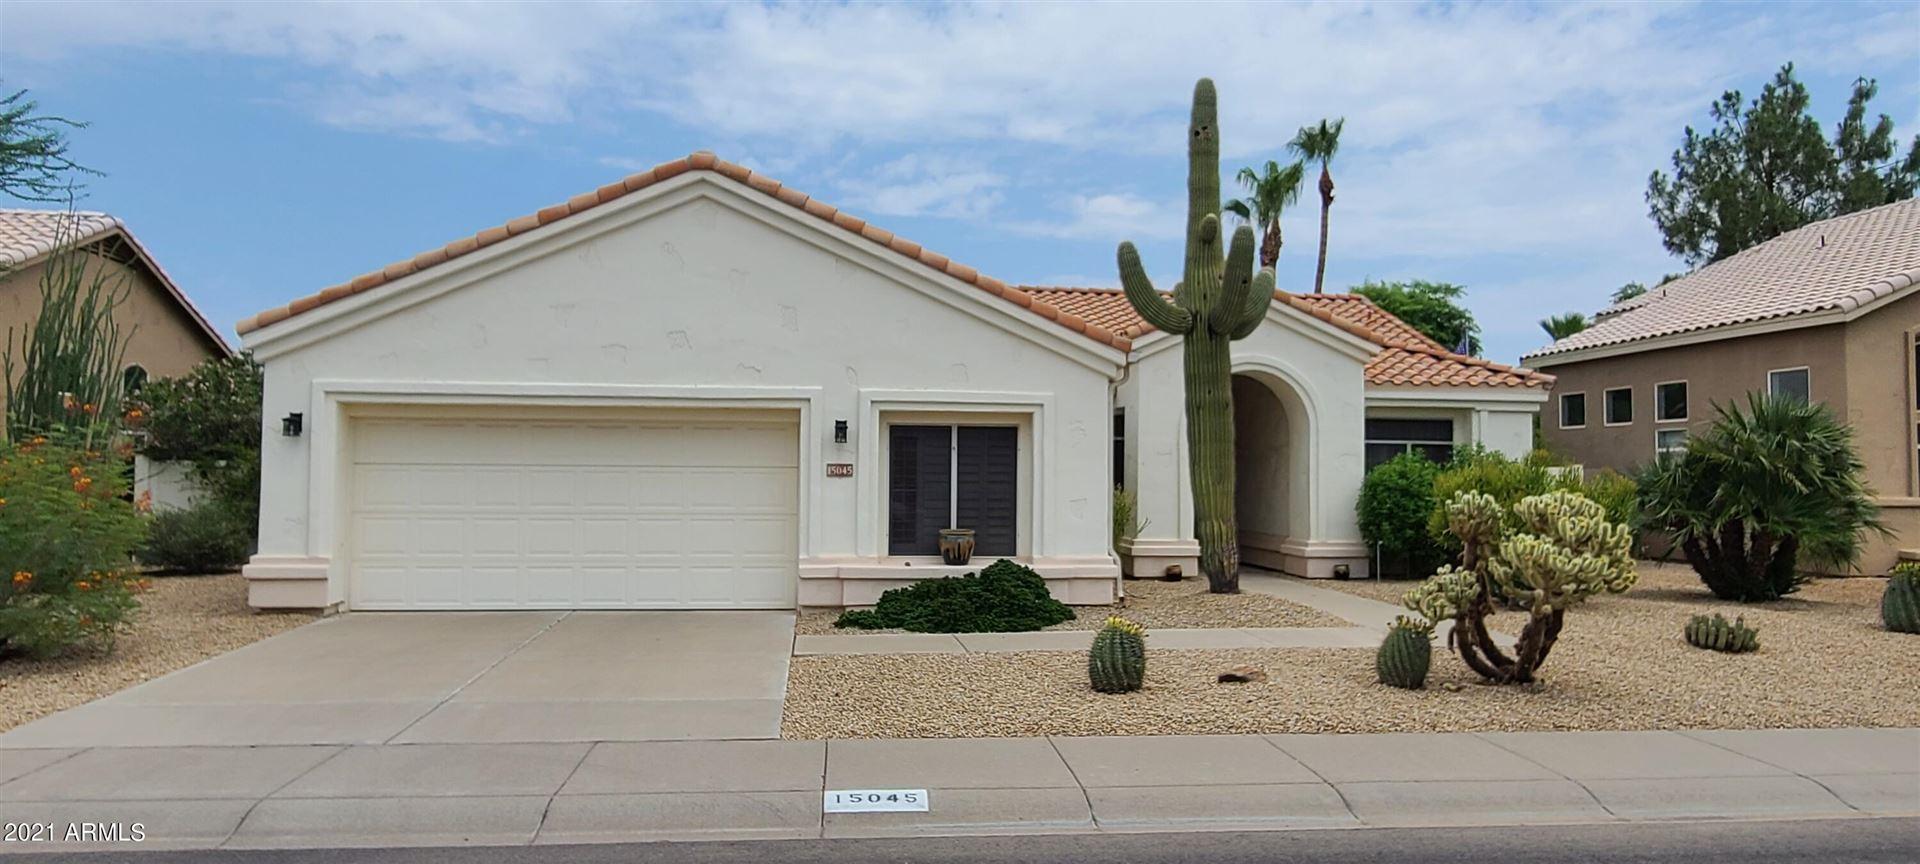 15045 N 54TH Place, Scottsdale, AZ 85254 - MLS#: 6268335